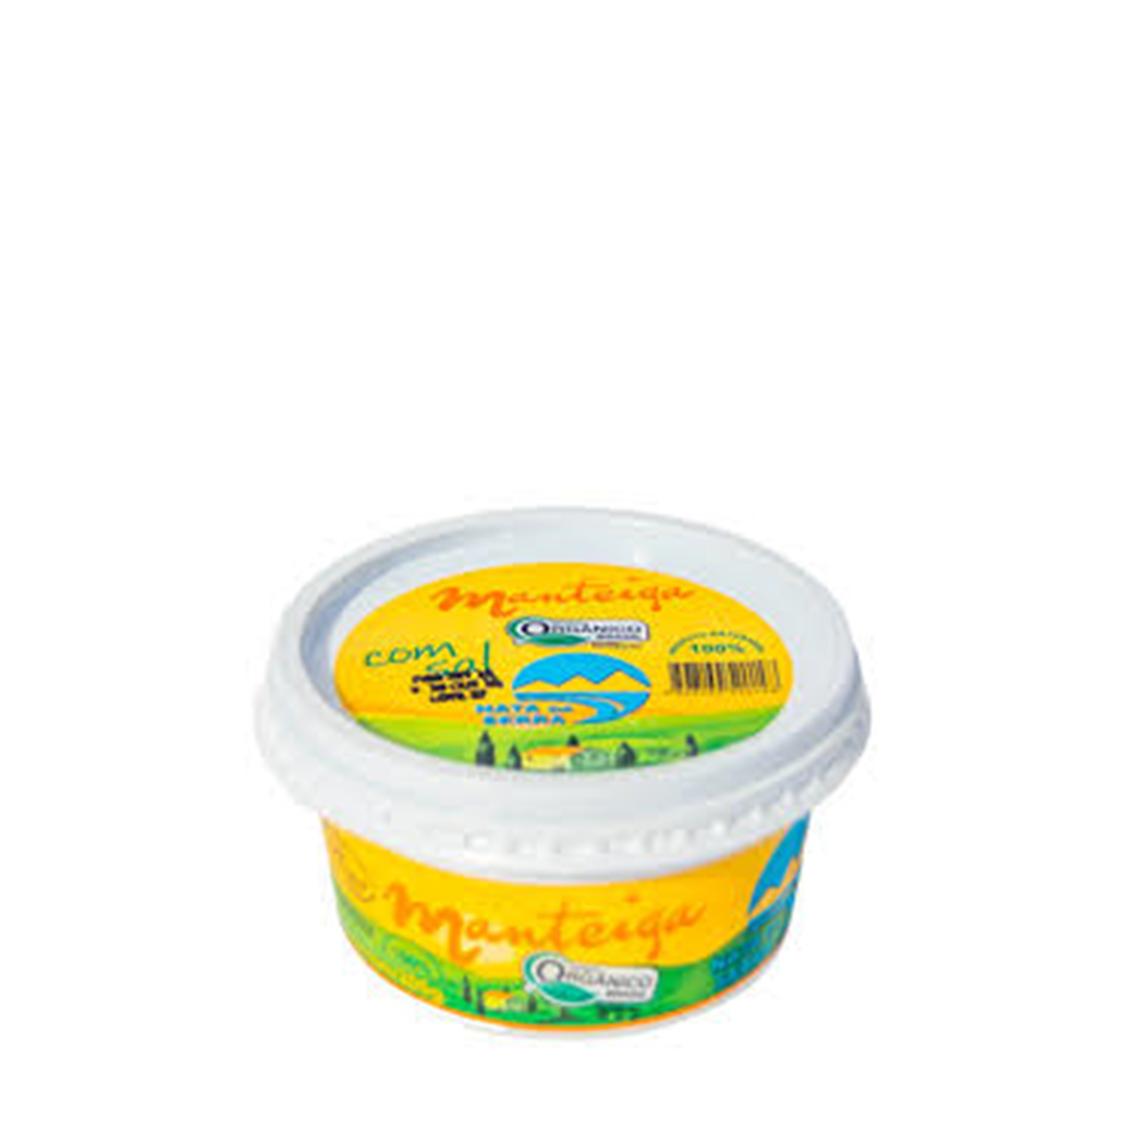 Manteiga com Sal (200g) – Nata da Serra